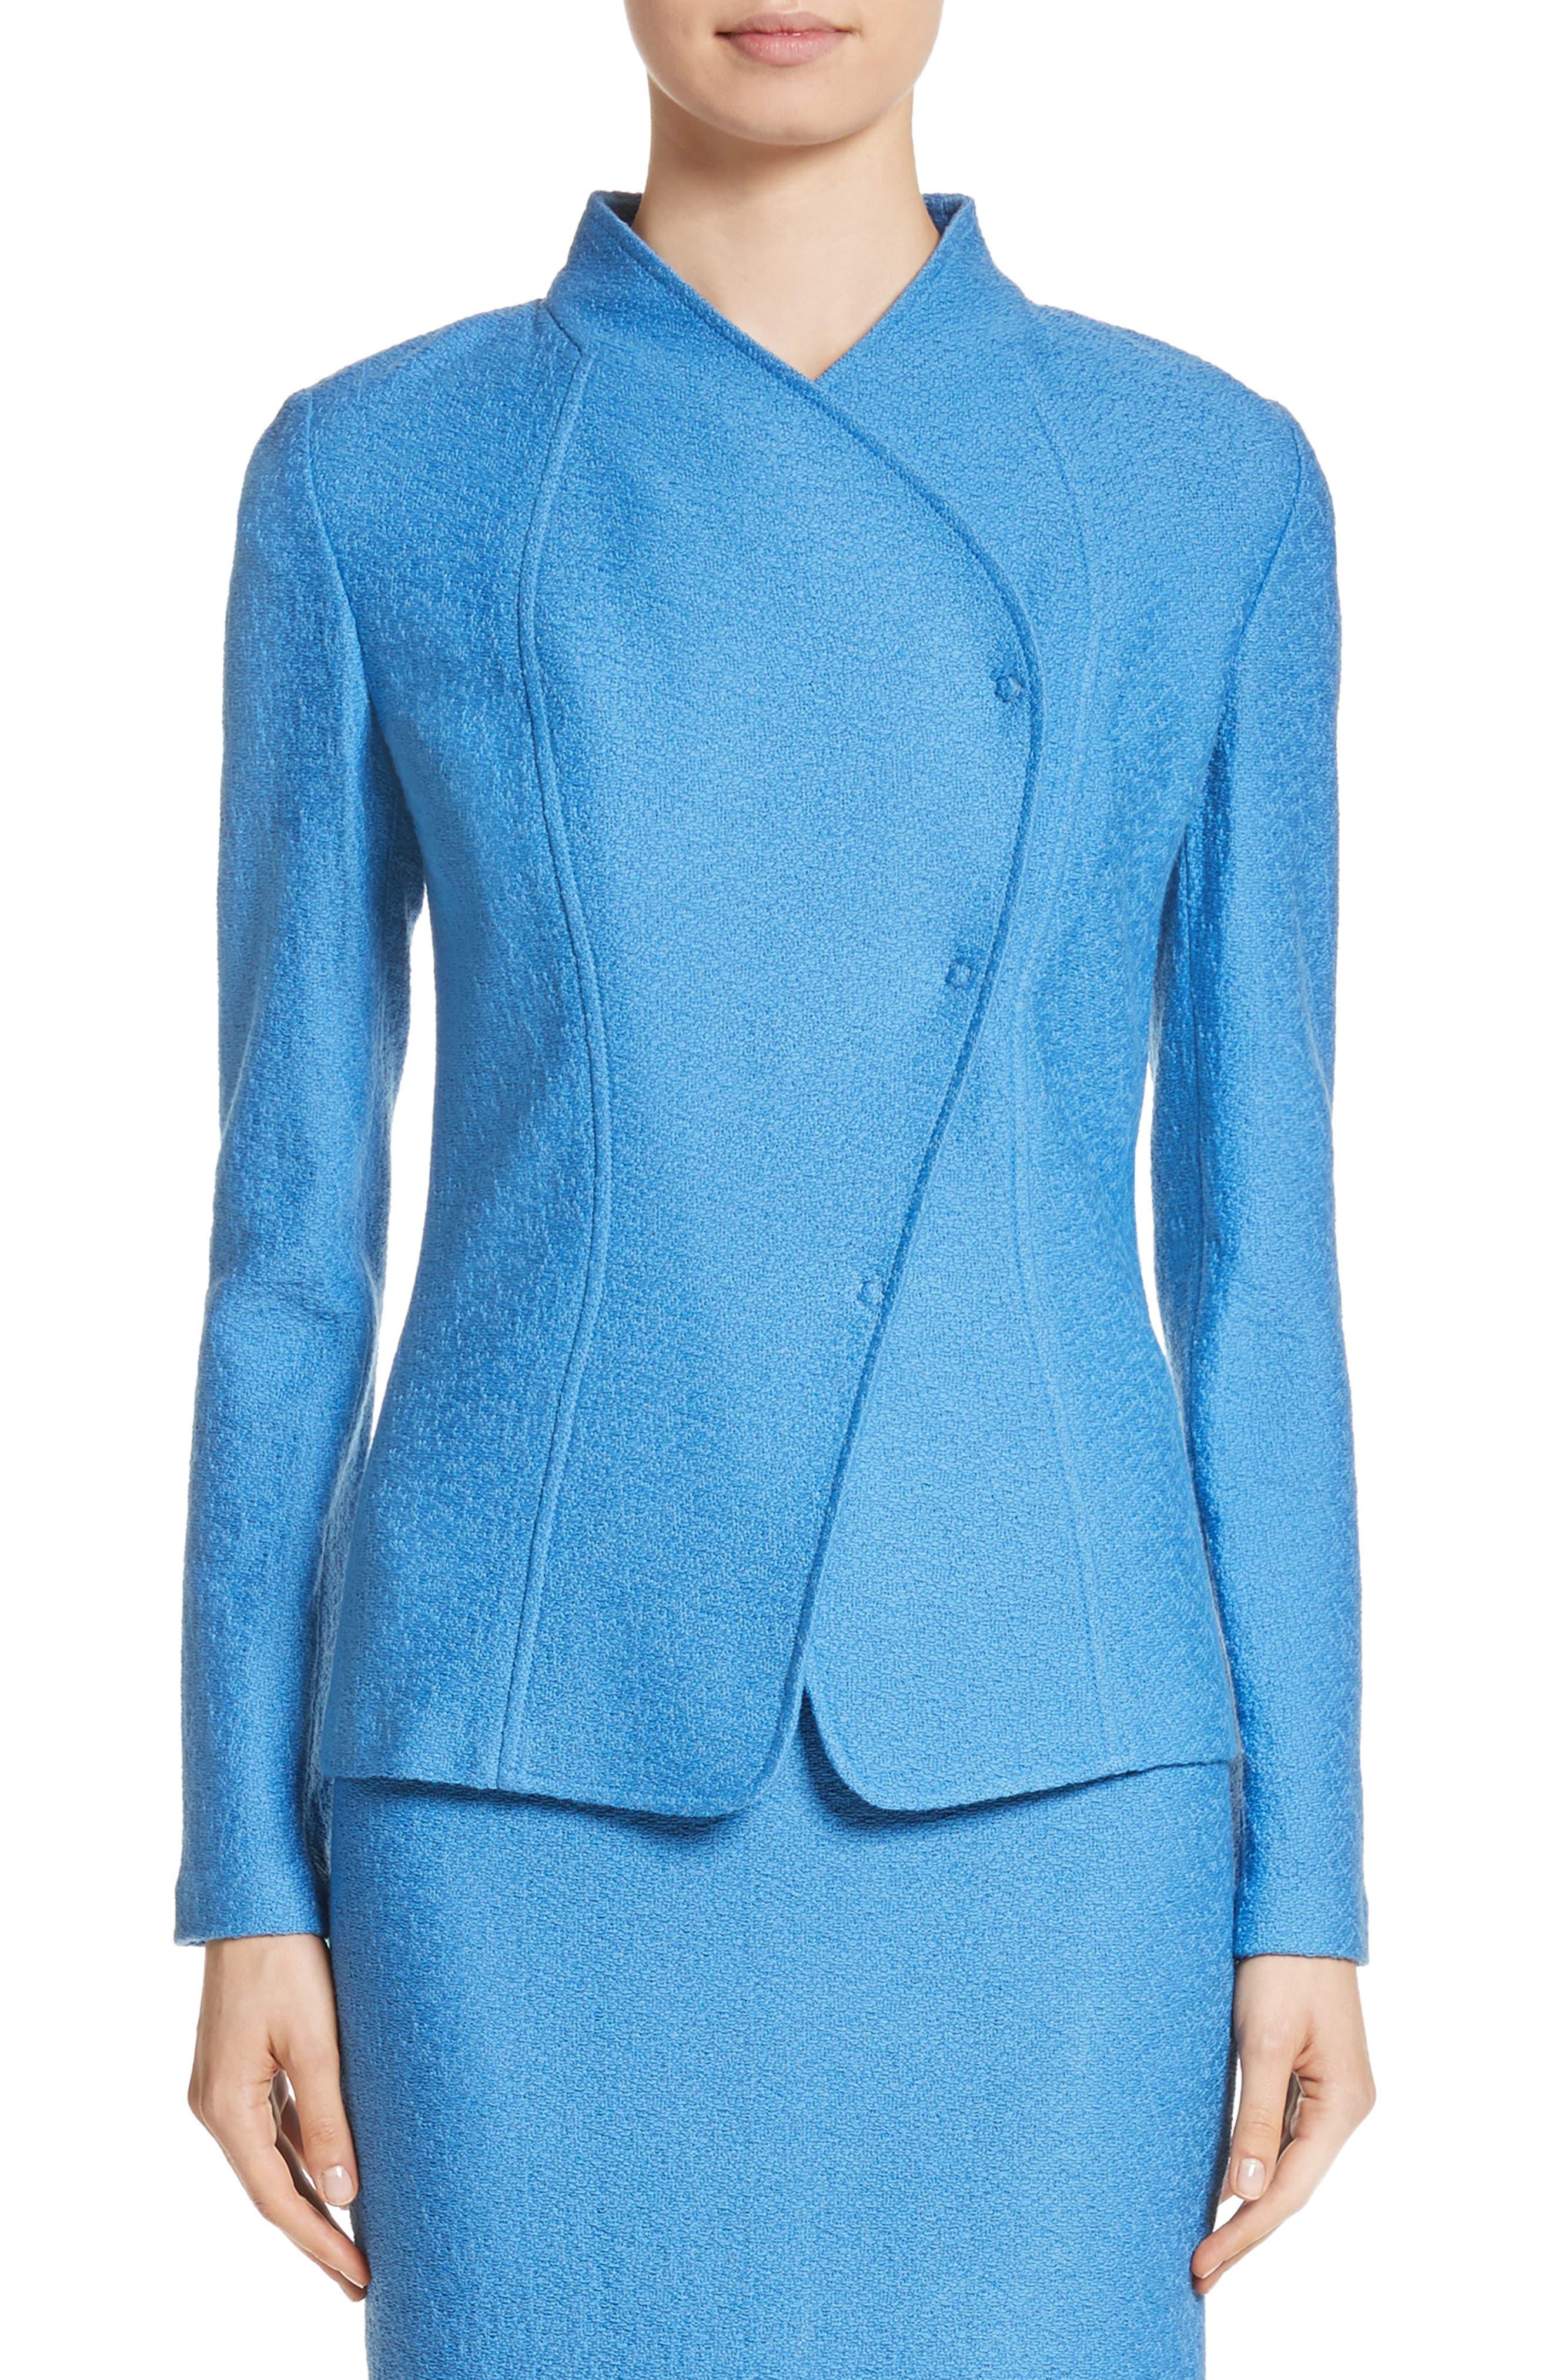 Hannah Knit Stand Collar Jacket,                             Main thumbnail 1, color,                             420